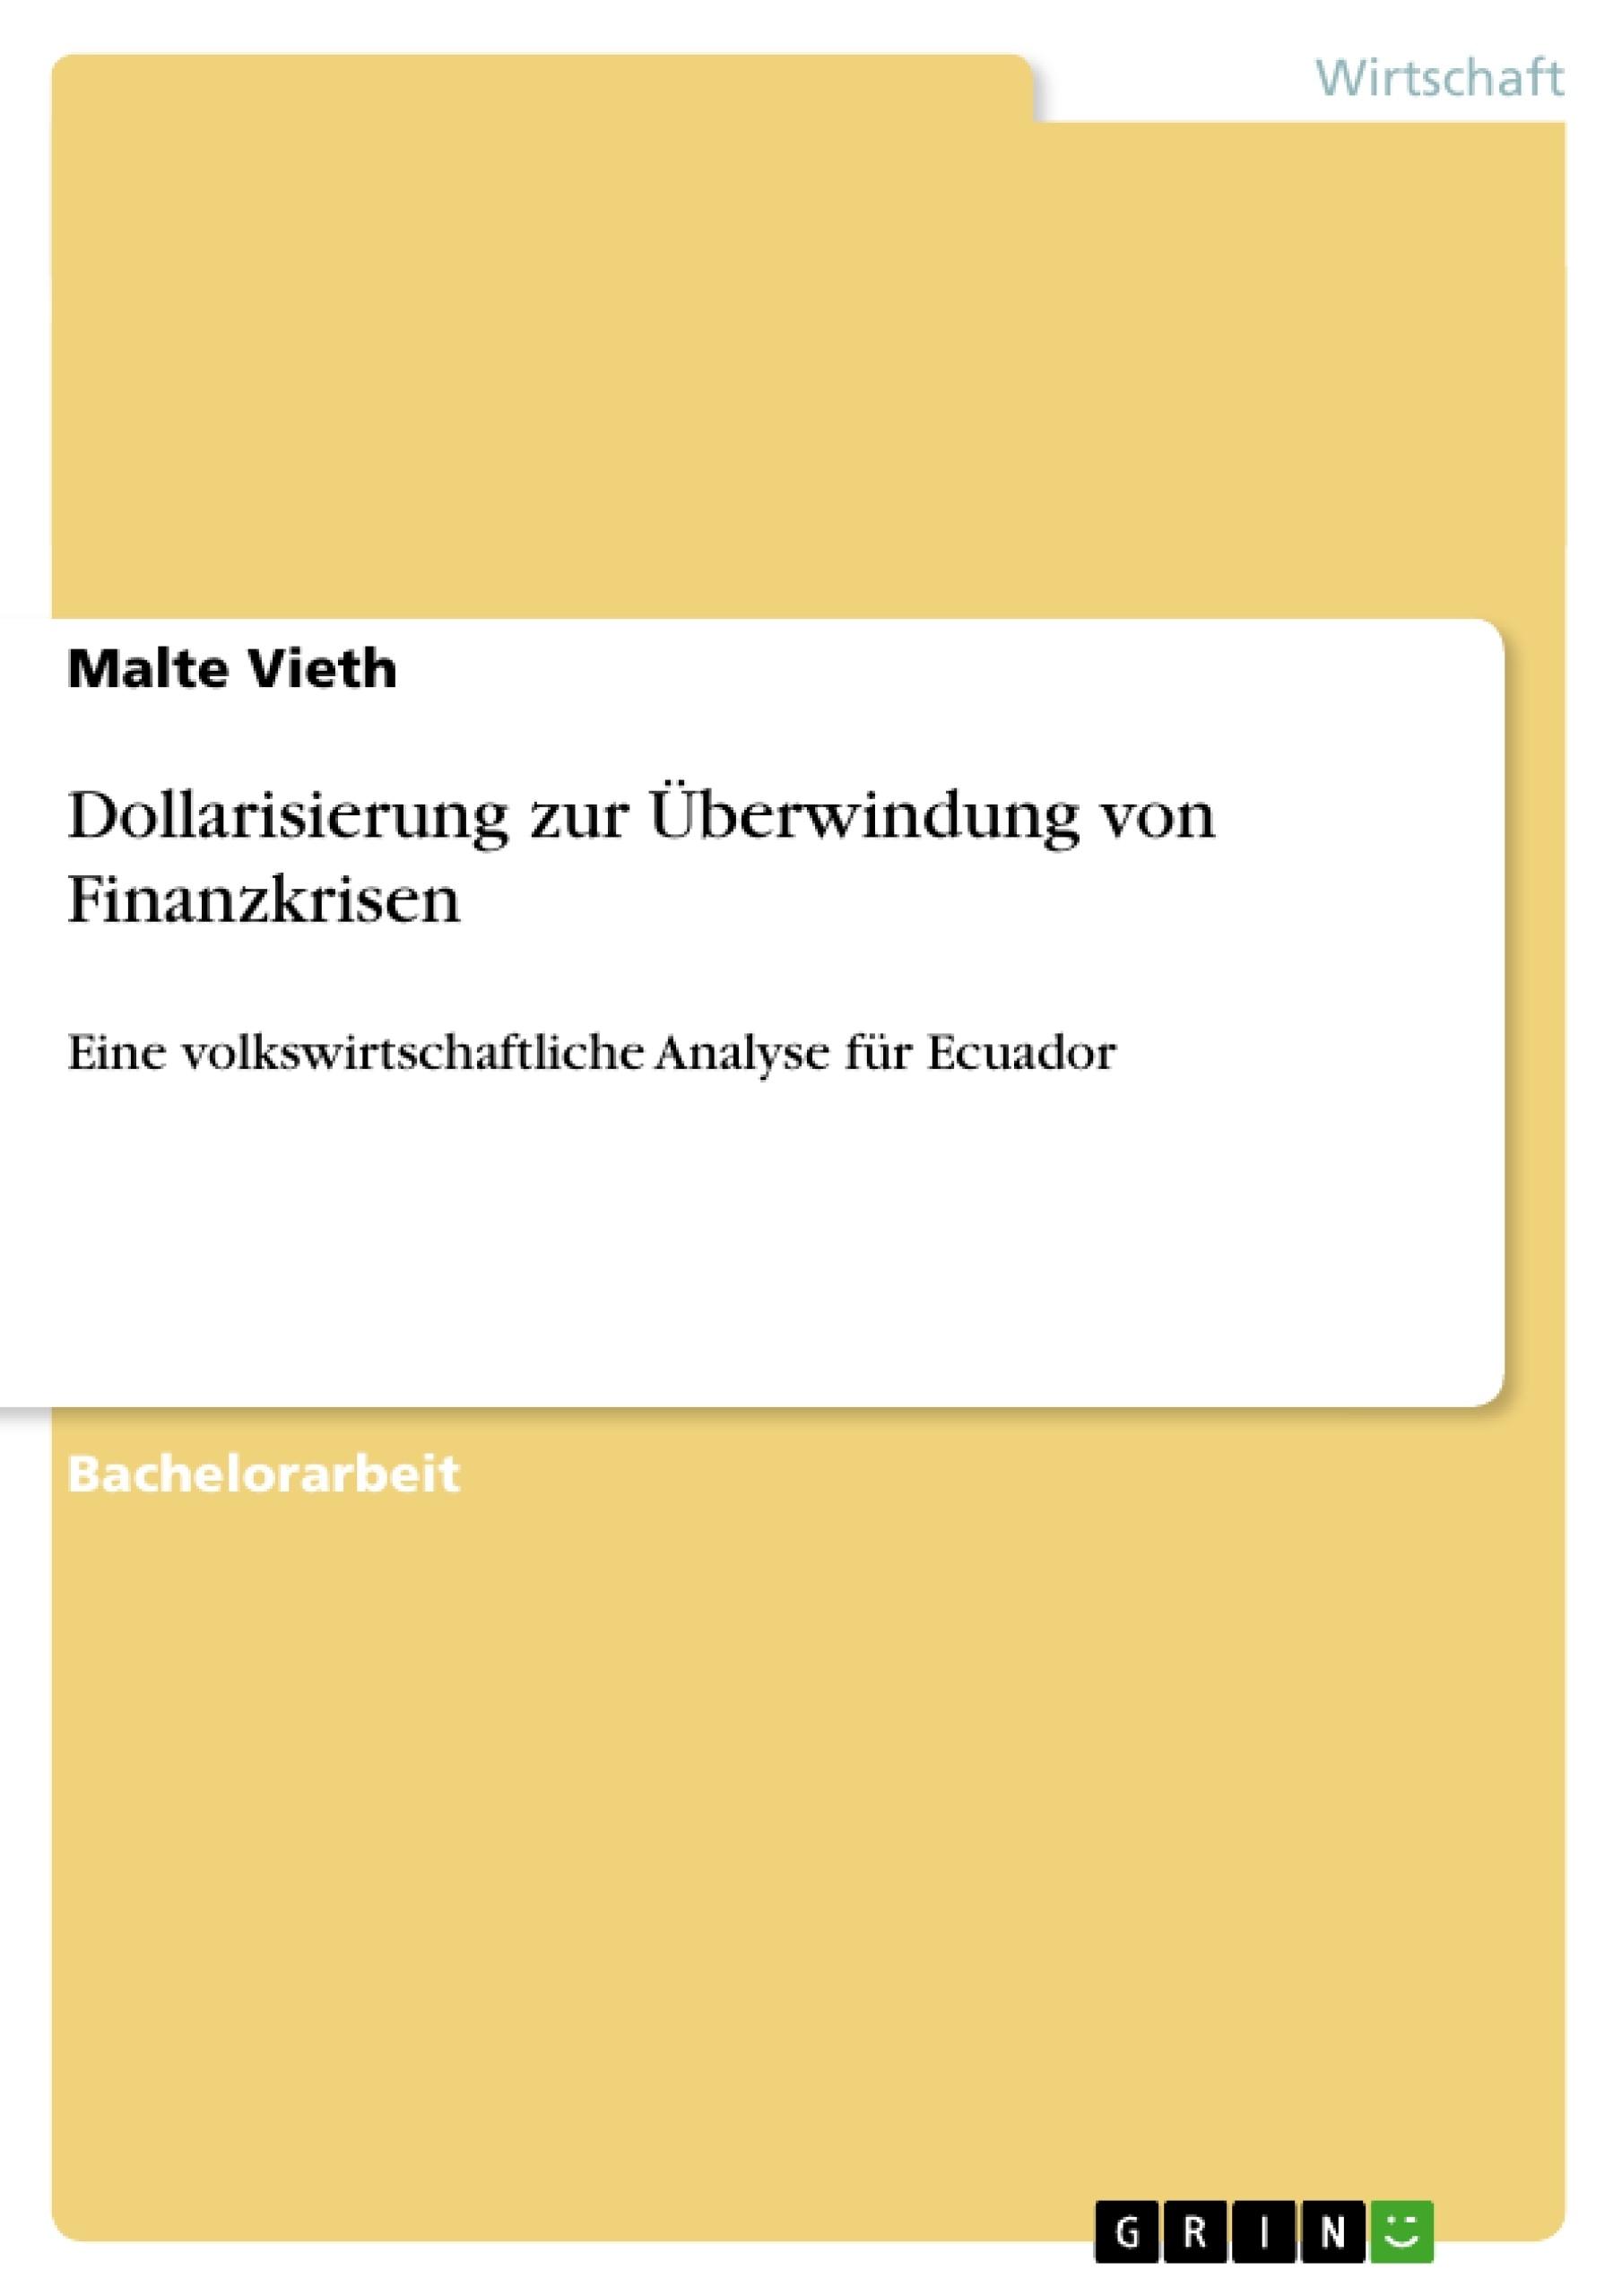 Titel: Dollarisierung zur Überwindung von Finanzkrisen